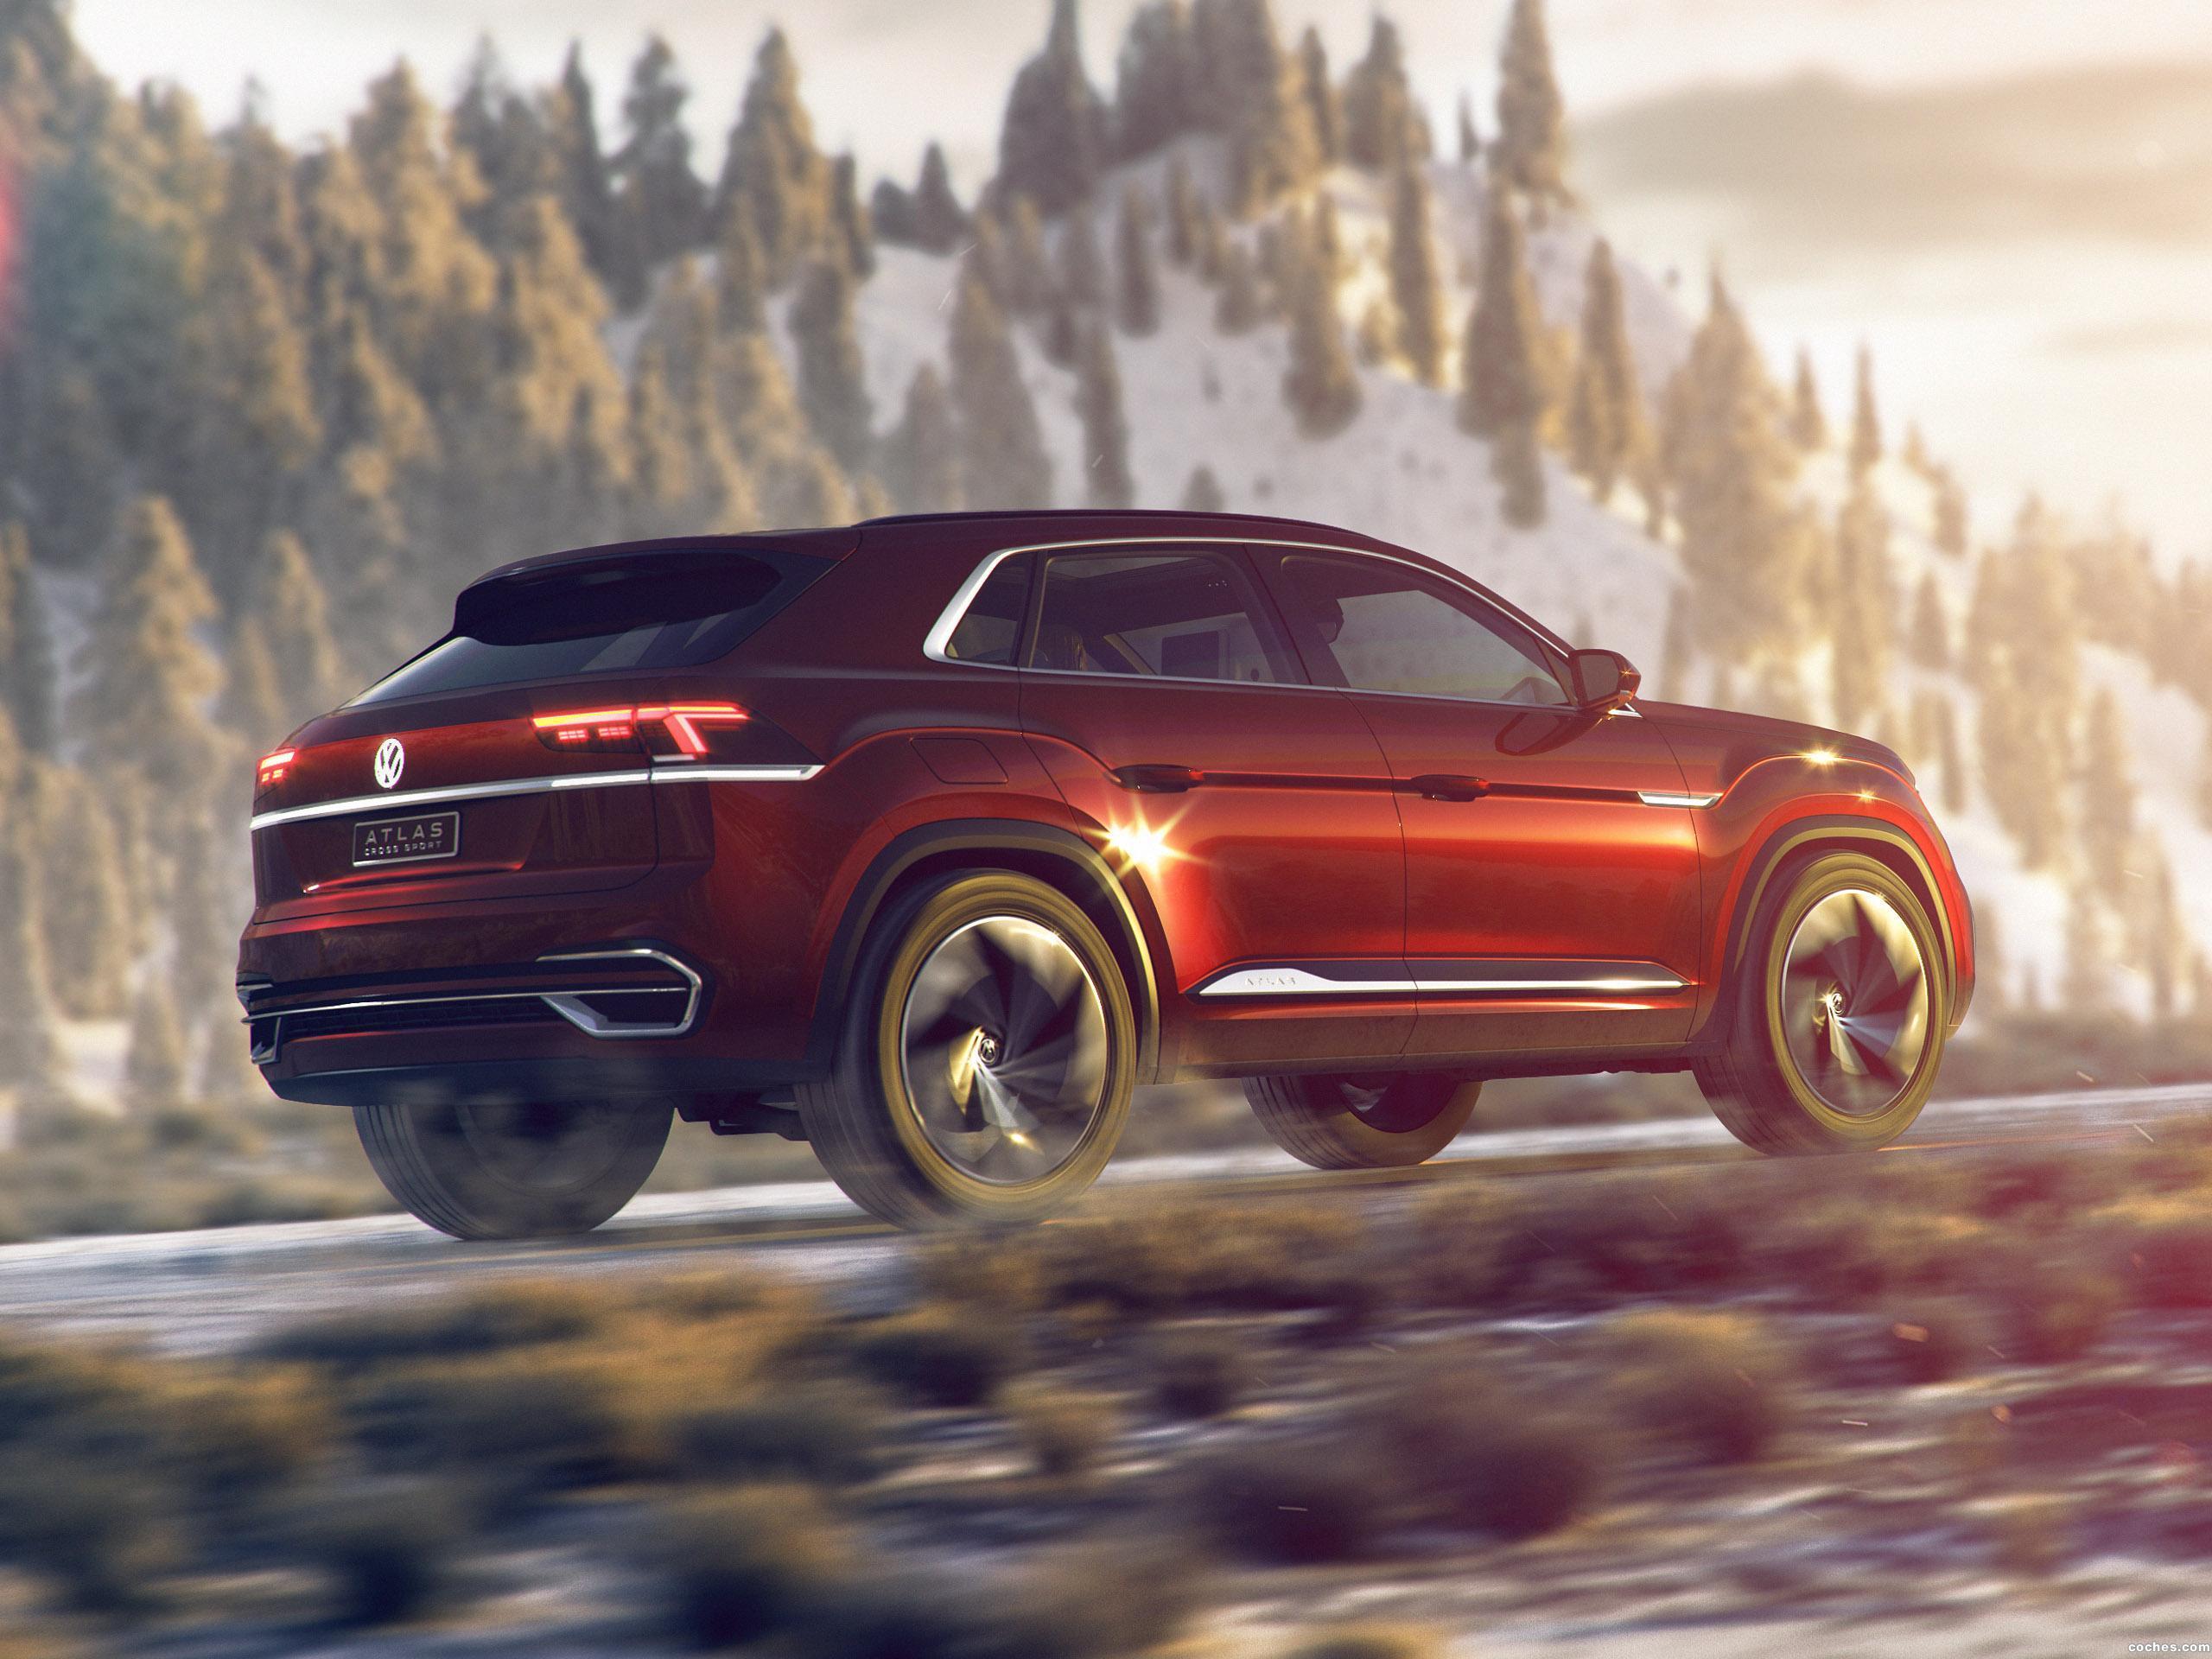 Foto 2 de Volkswagen Atlas Cross Sport Concept 2018 2018